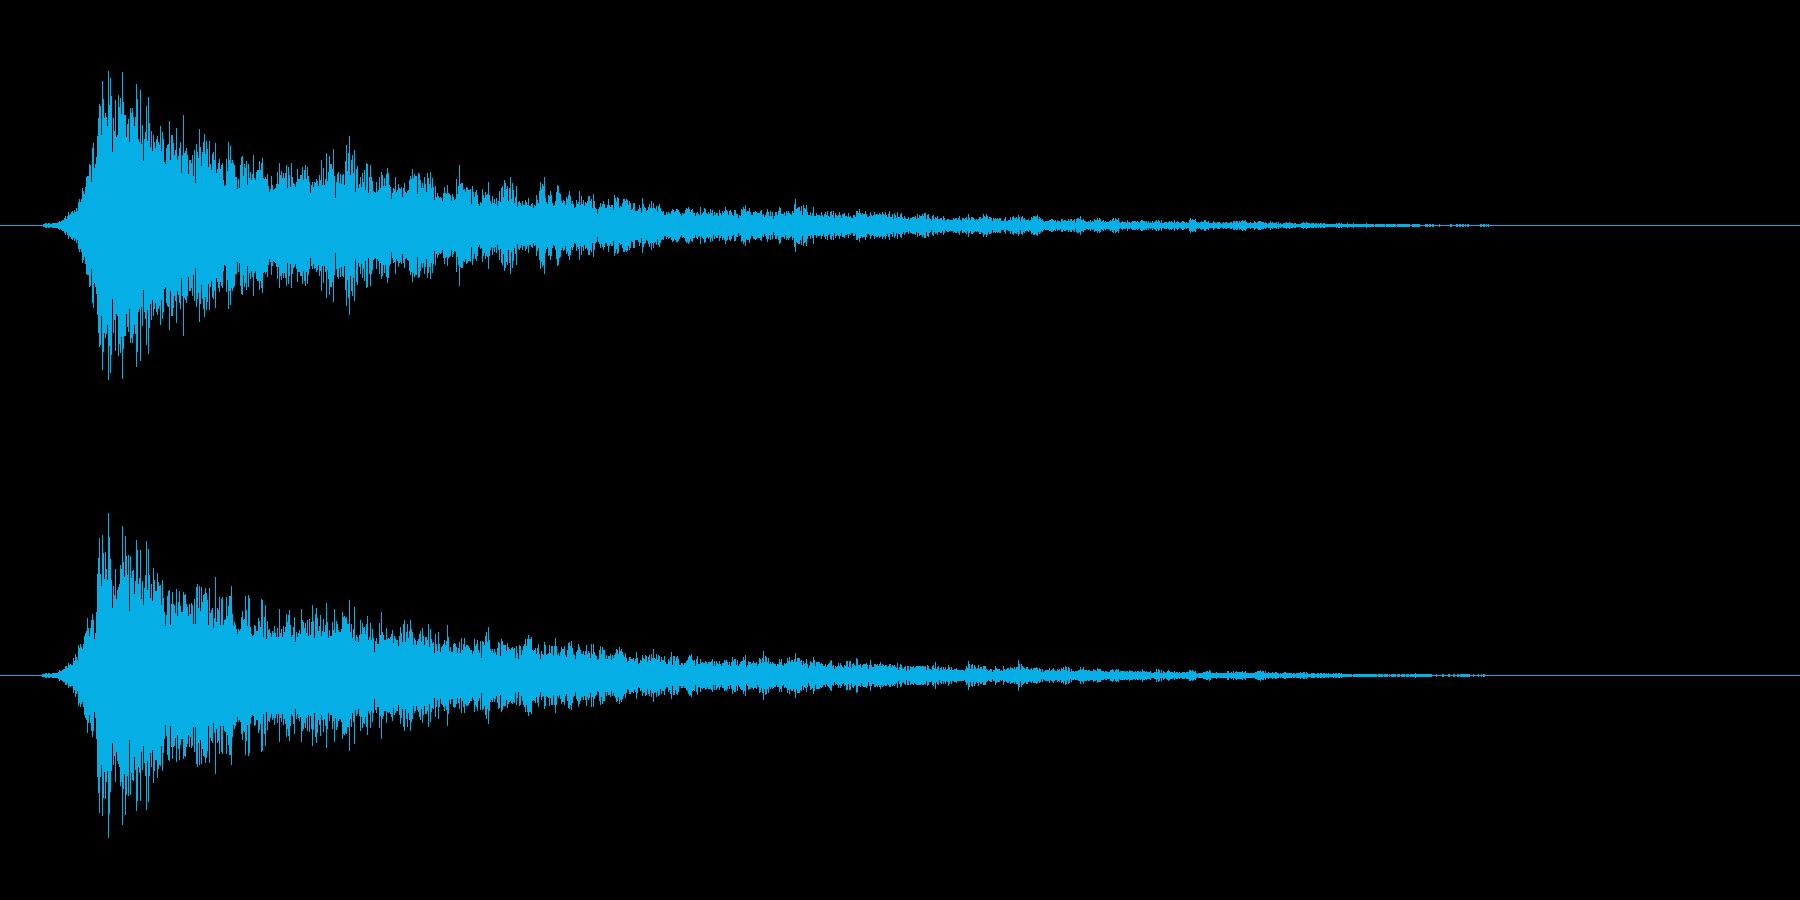 攻撃音。電撃系。ズシャーの再生済みの波形